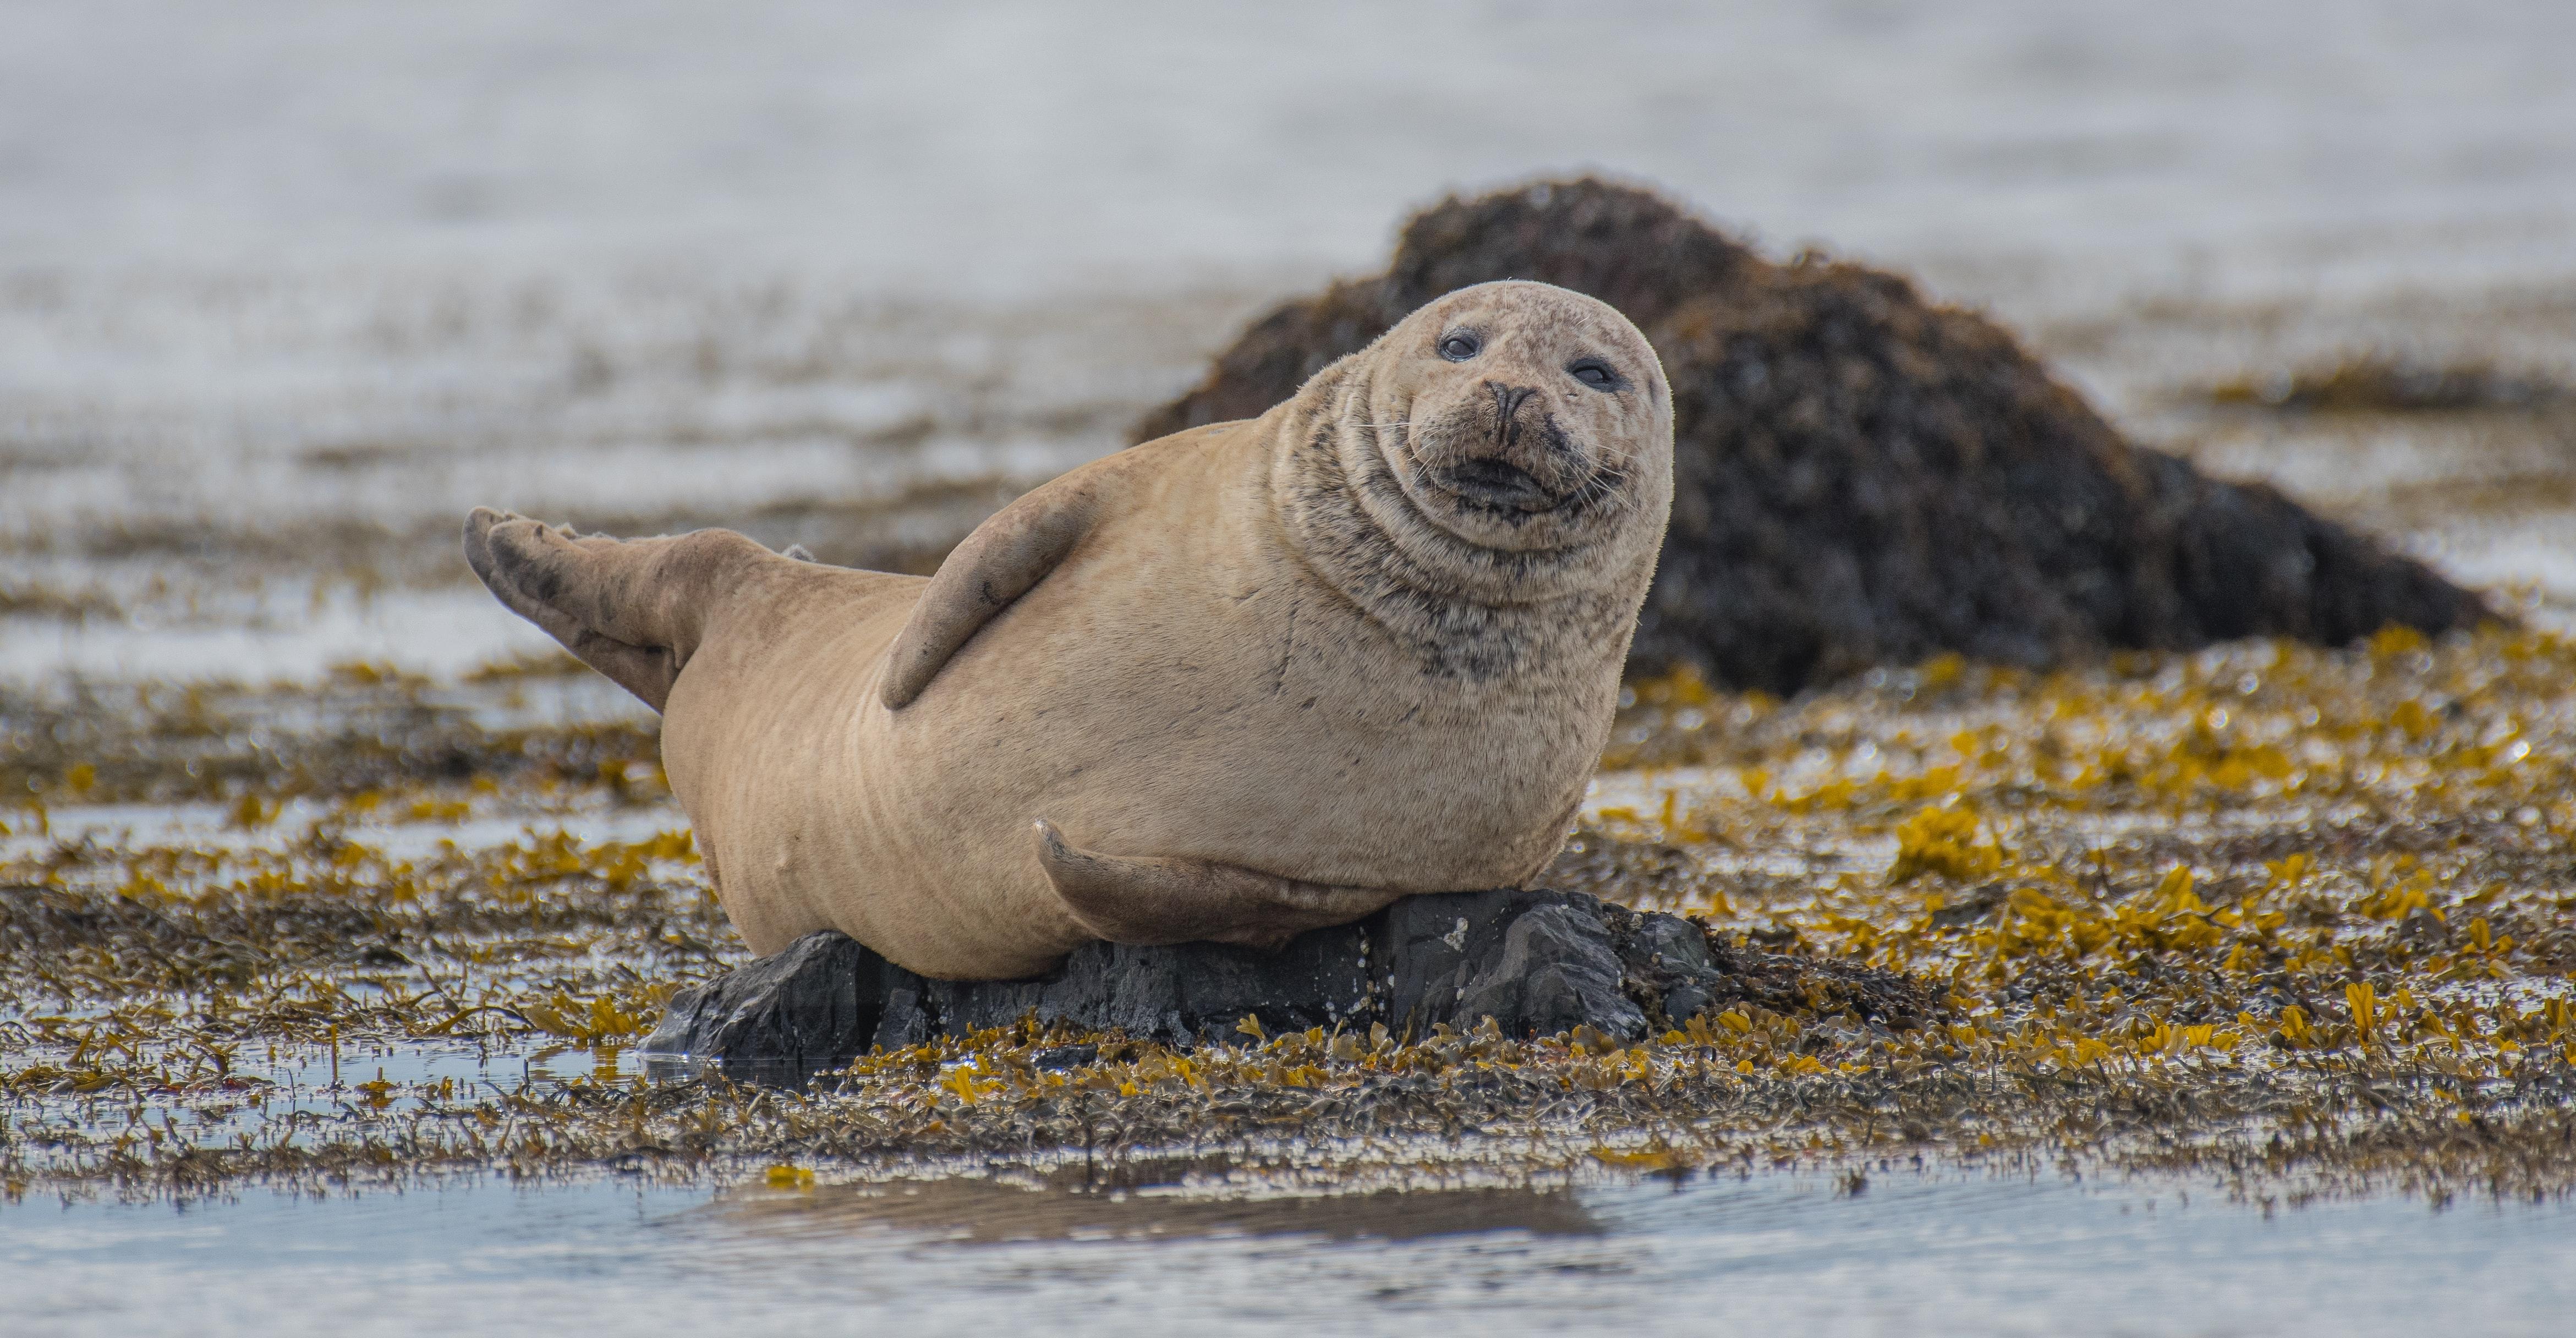 Chubby seal on a beach